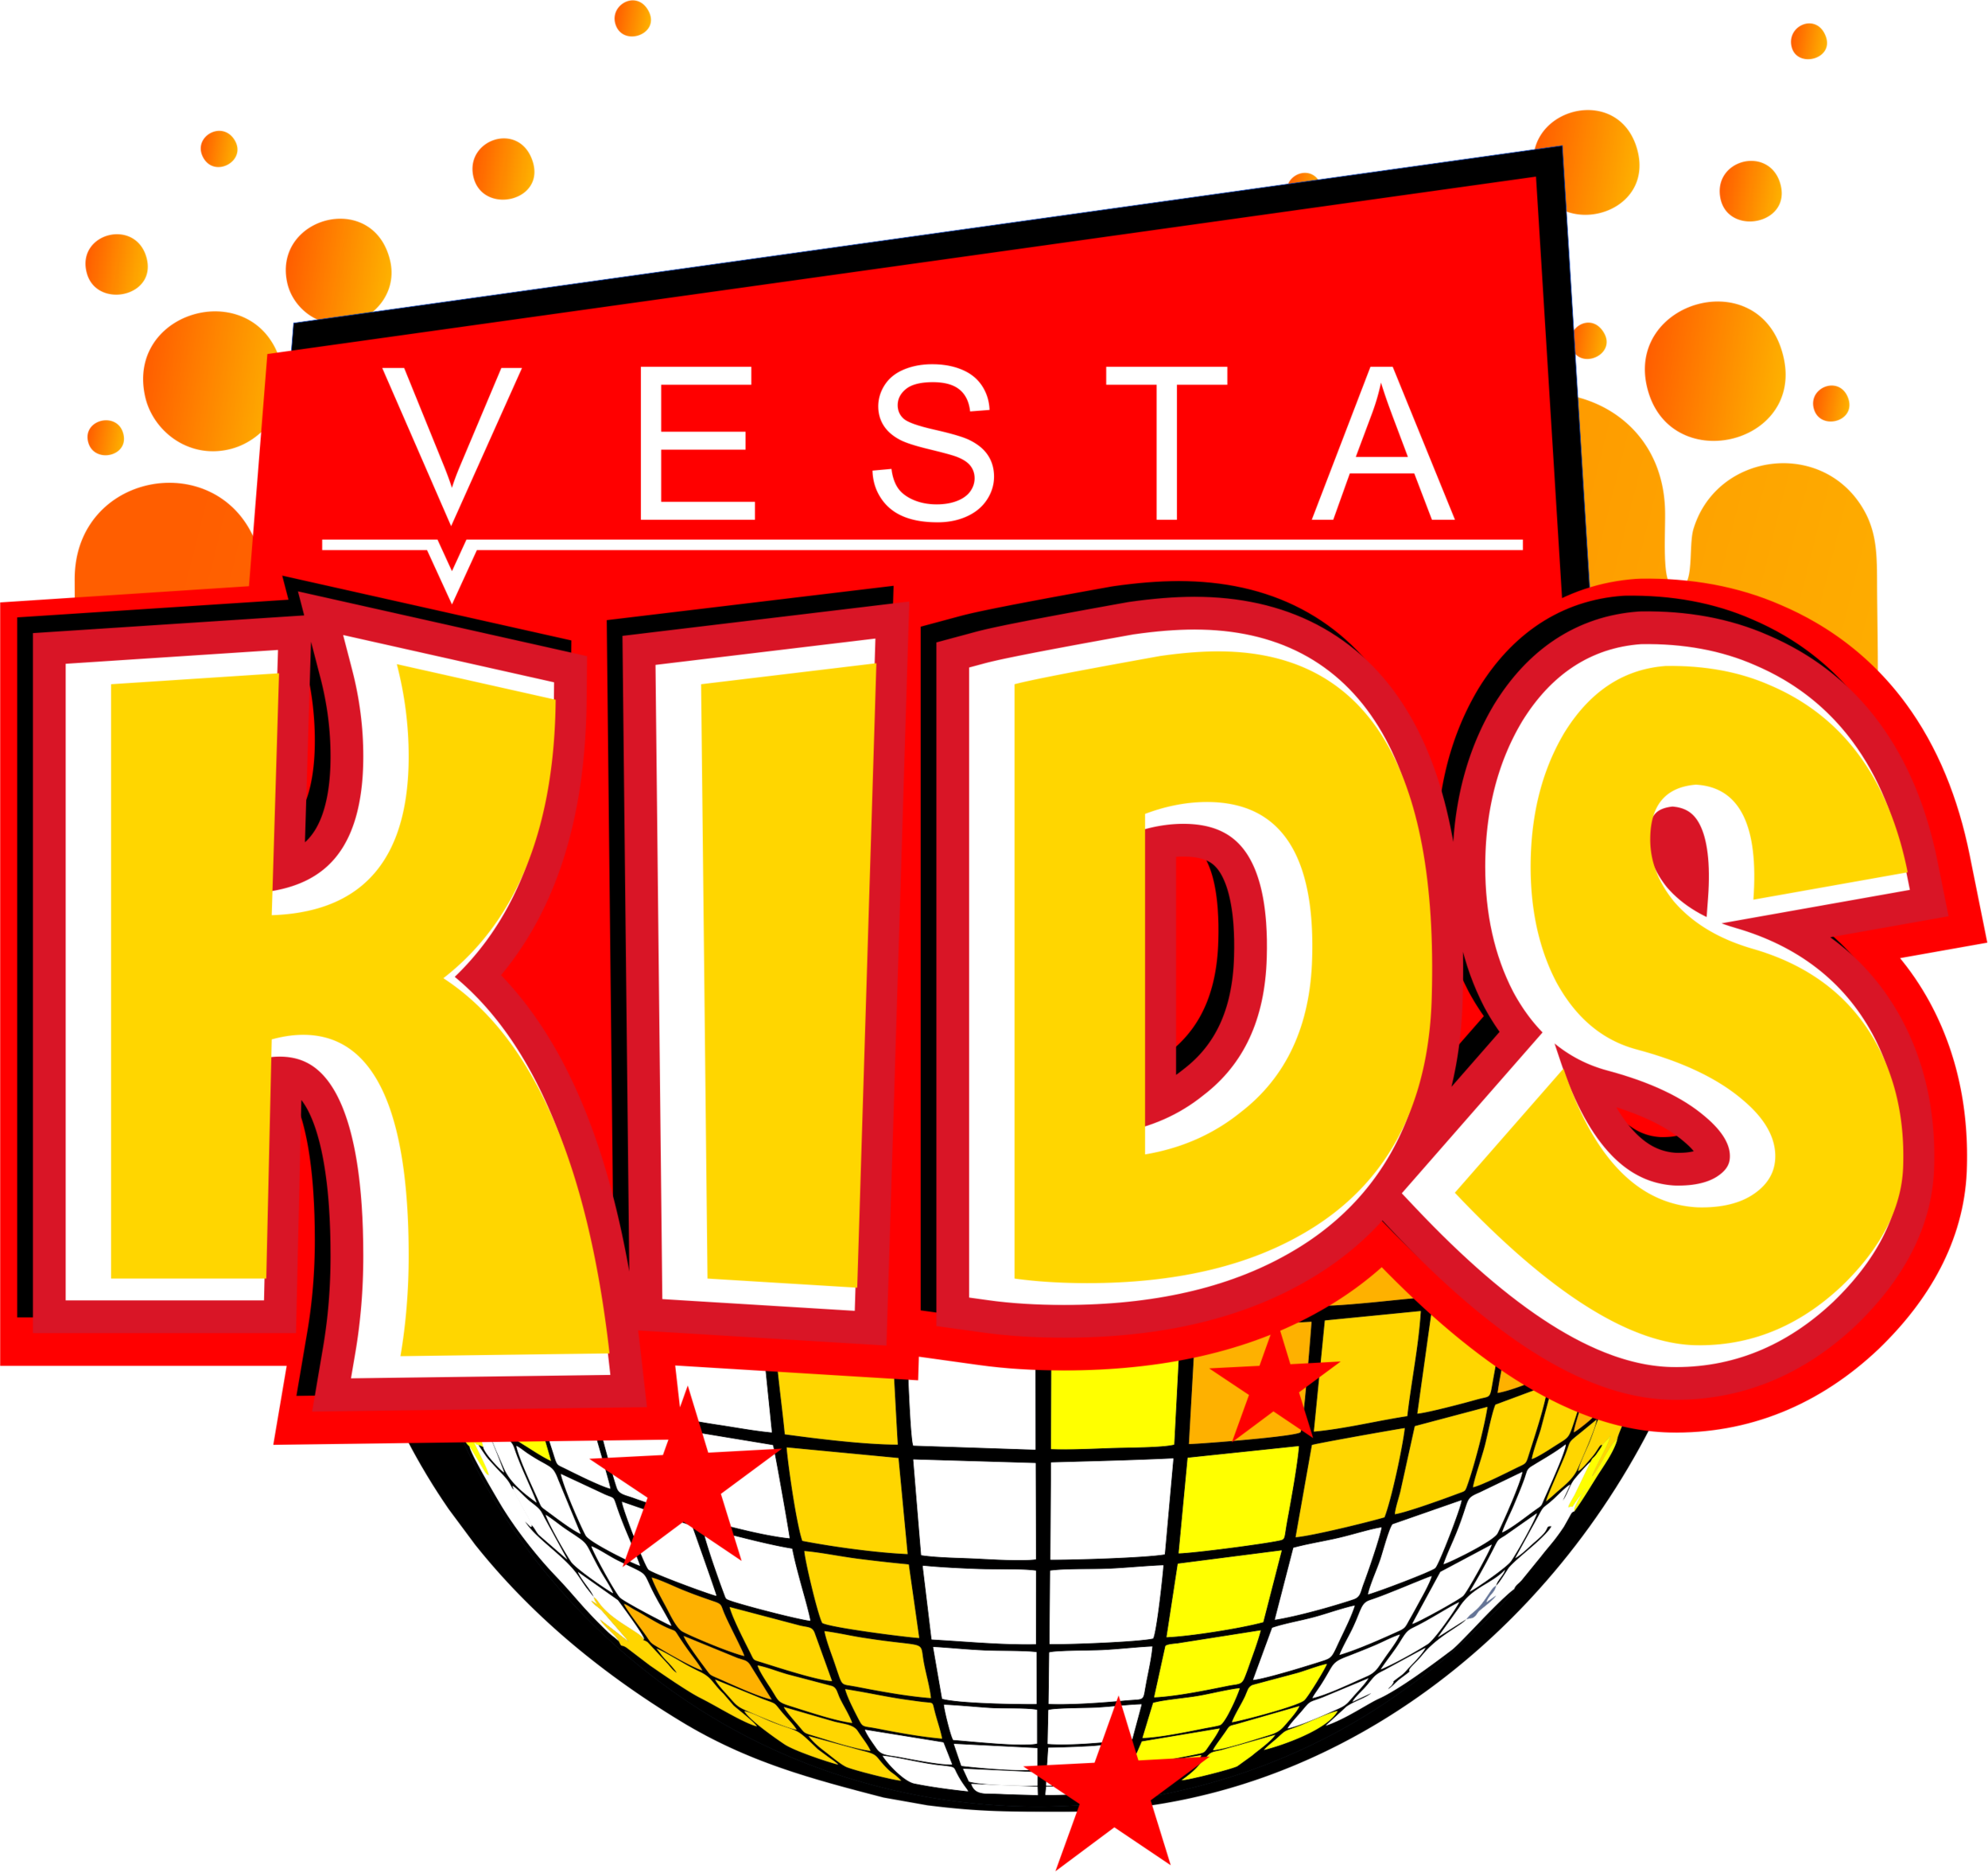 Vesta Kids.png